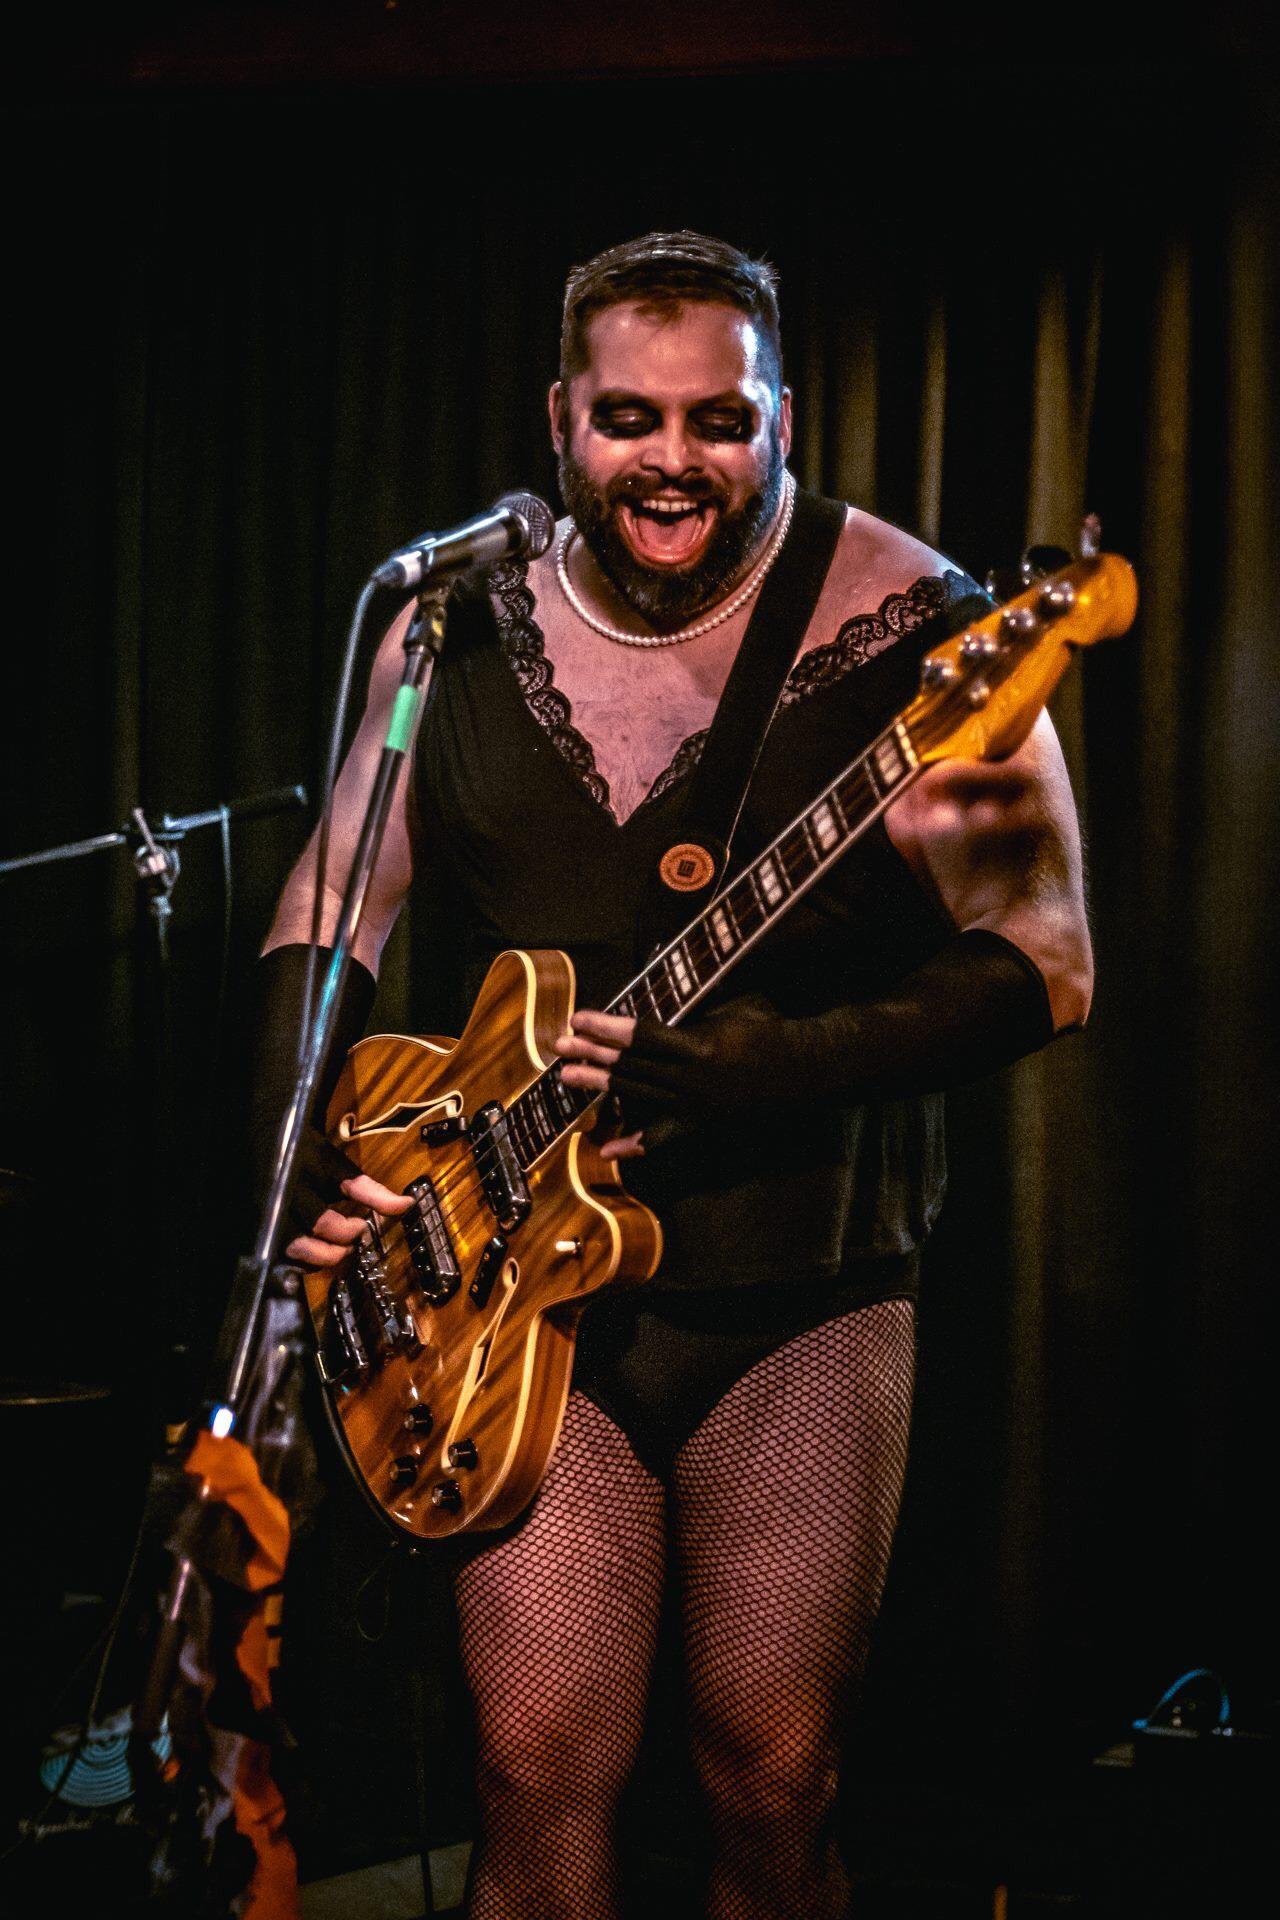 Jordan Young (Photo by Richie Perez)